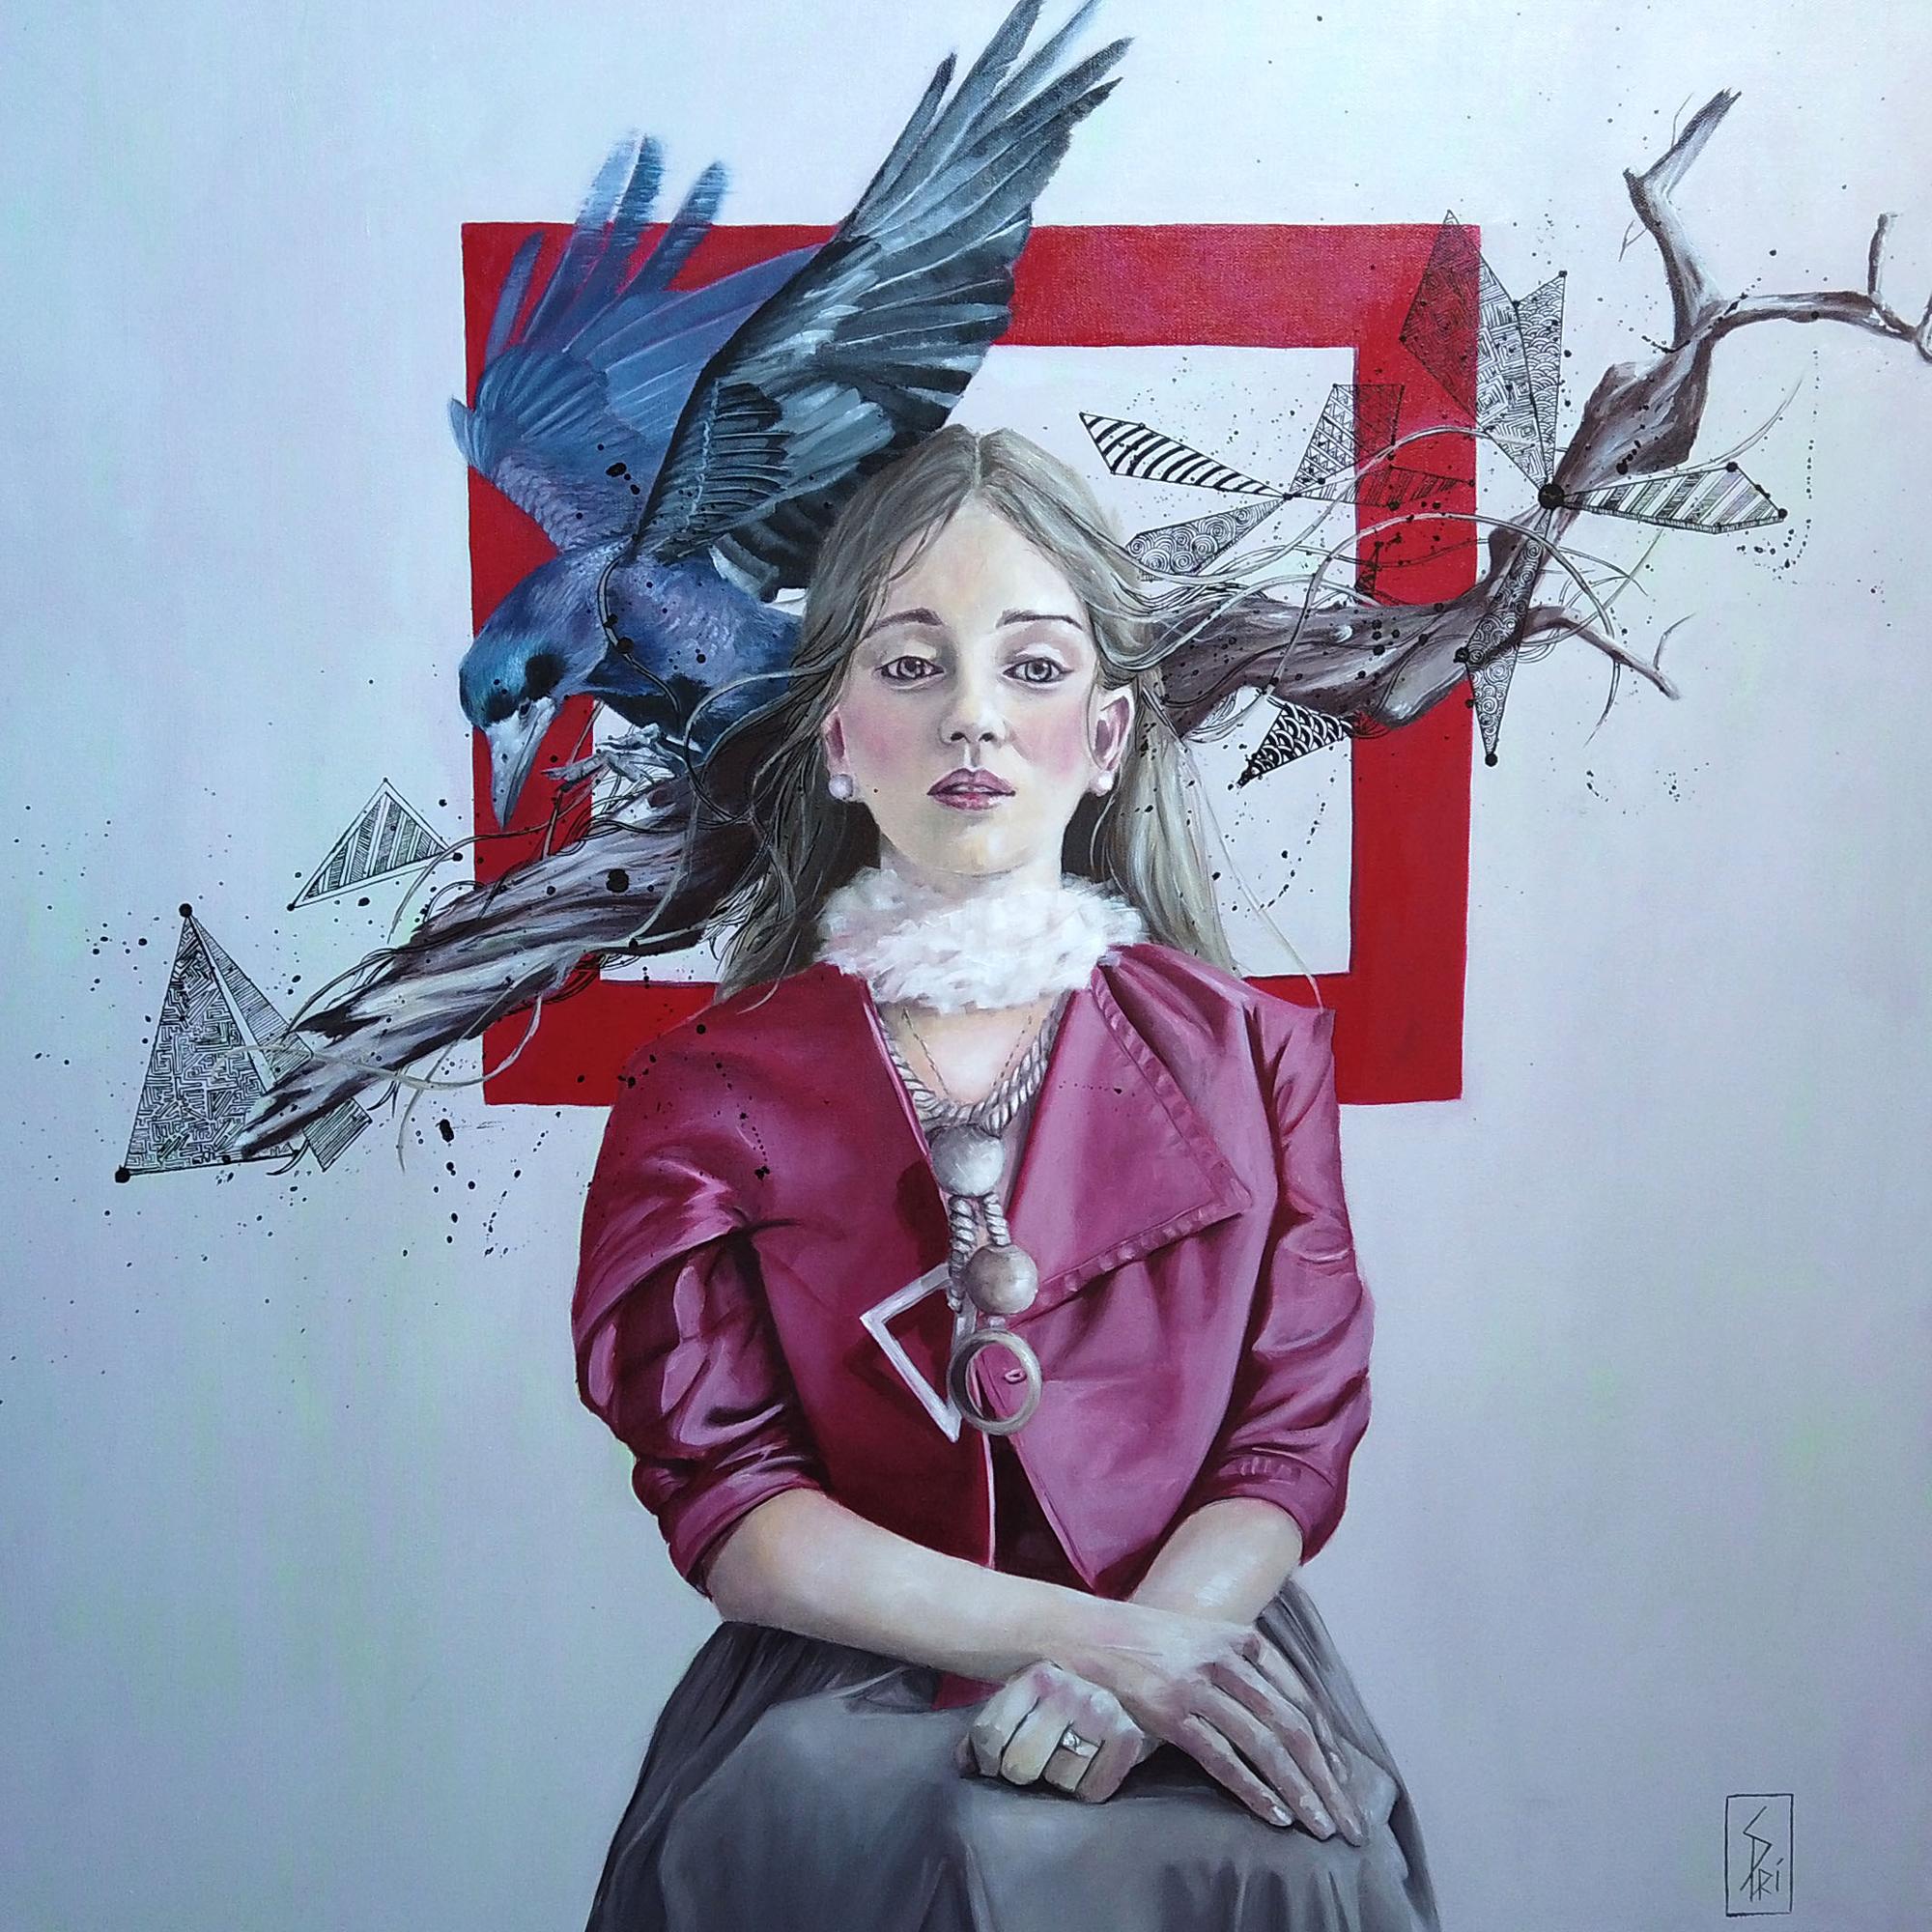 Peinture mixe media acrylique et huile par Priscilla Seiller